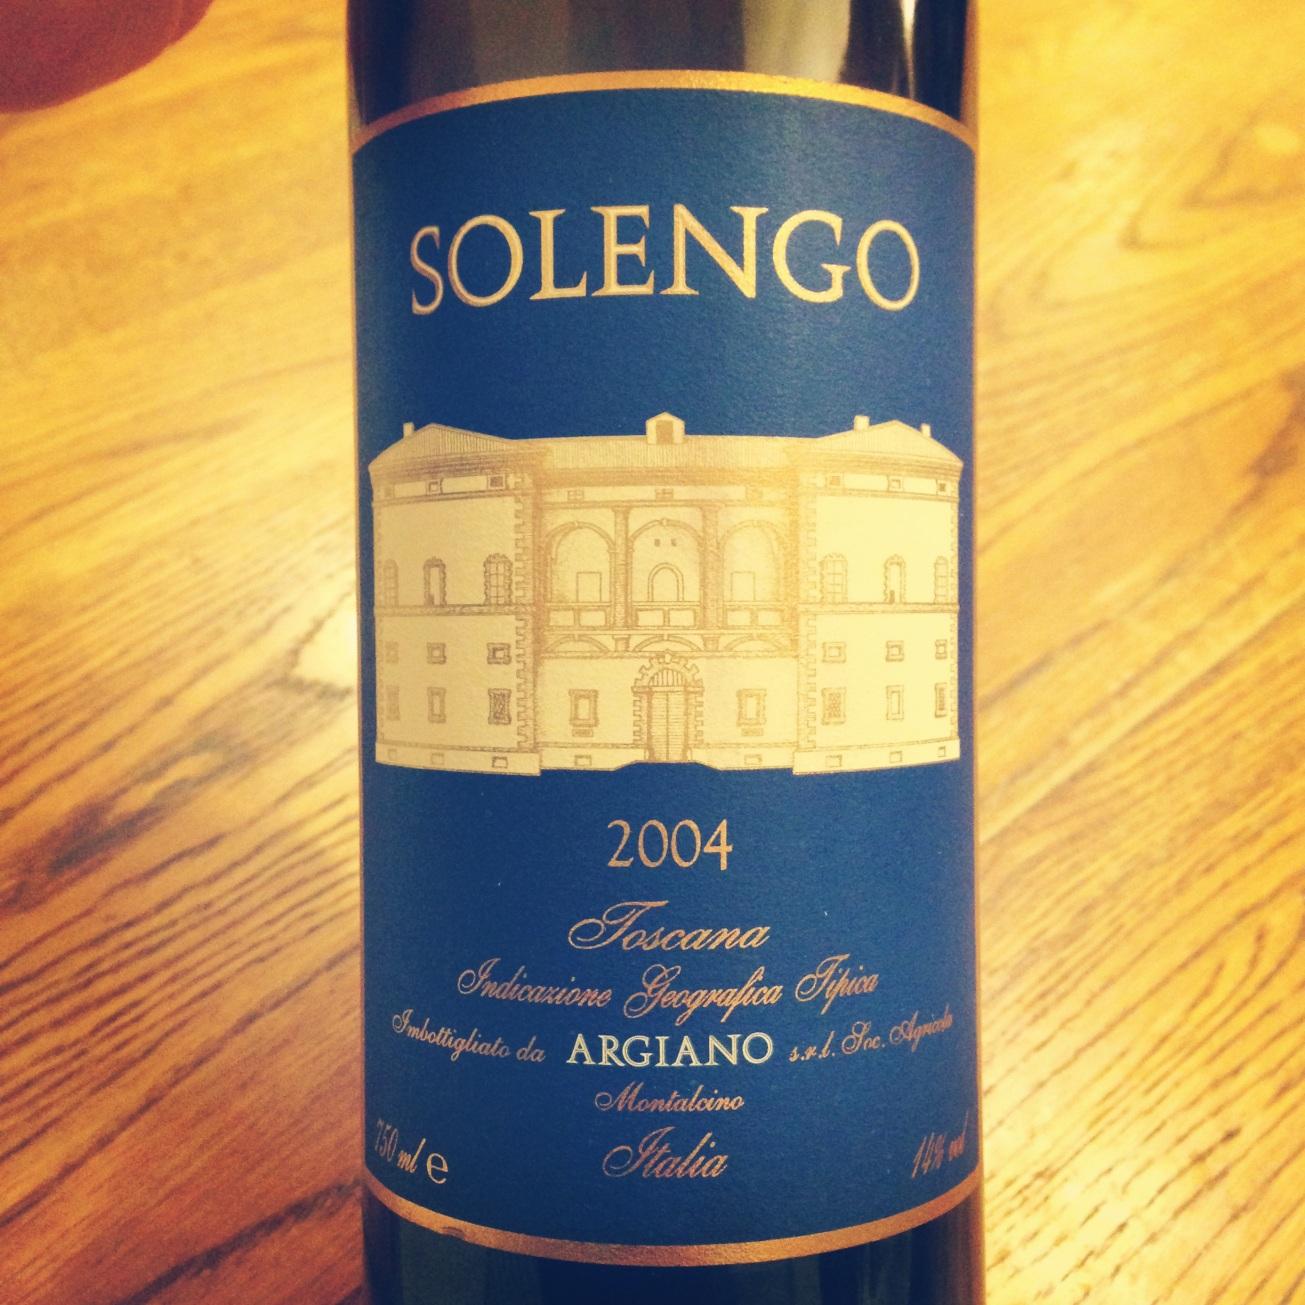 2004 Argiano Solengo Toscana IGT